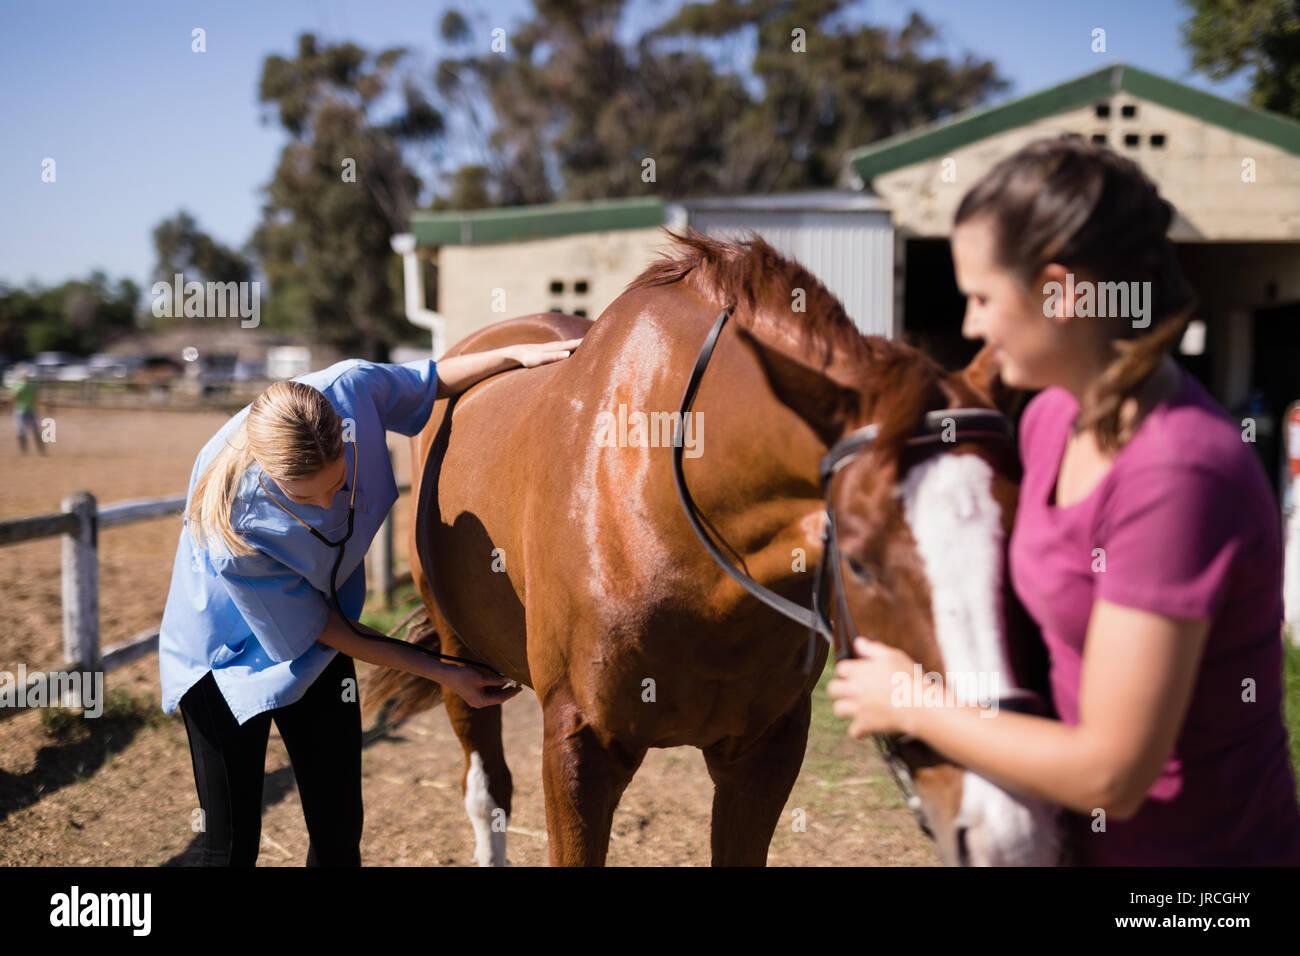 Vet con mujer comprobando caballo estando de pie en el campo durante el día soleado Foto de stock